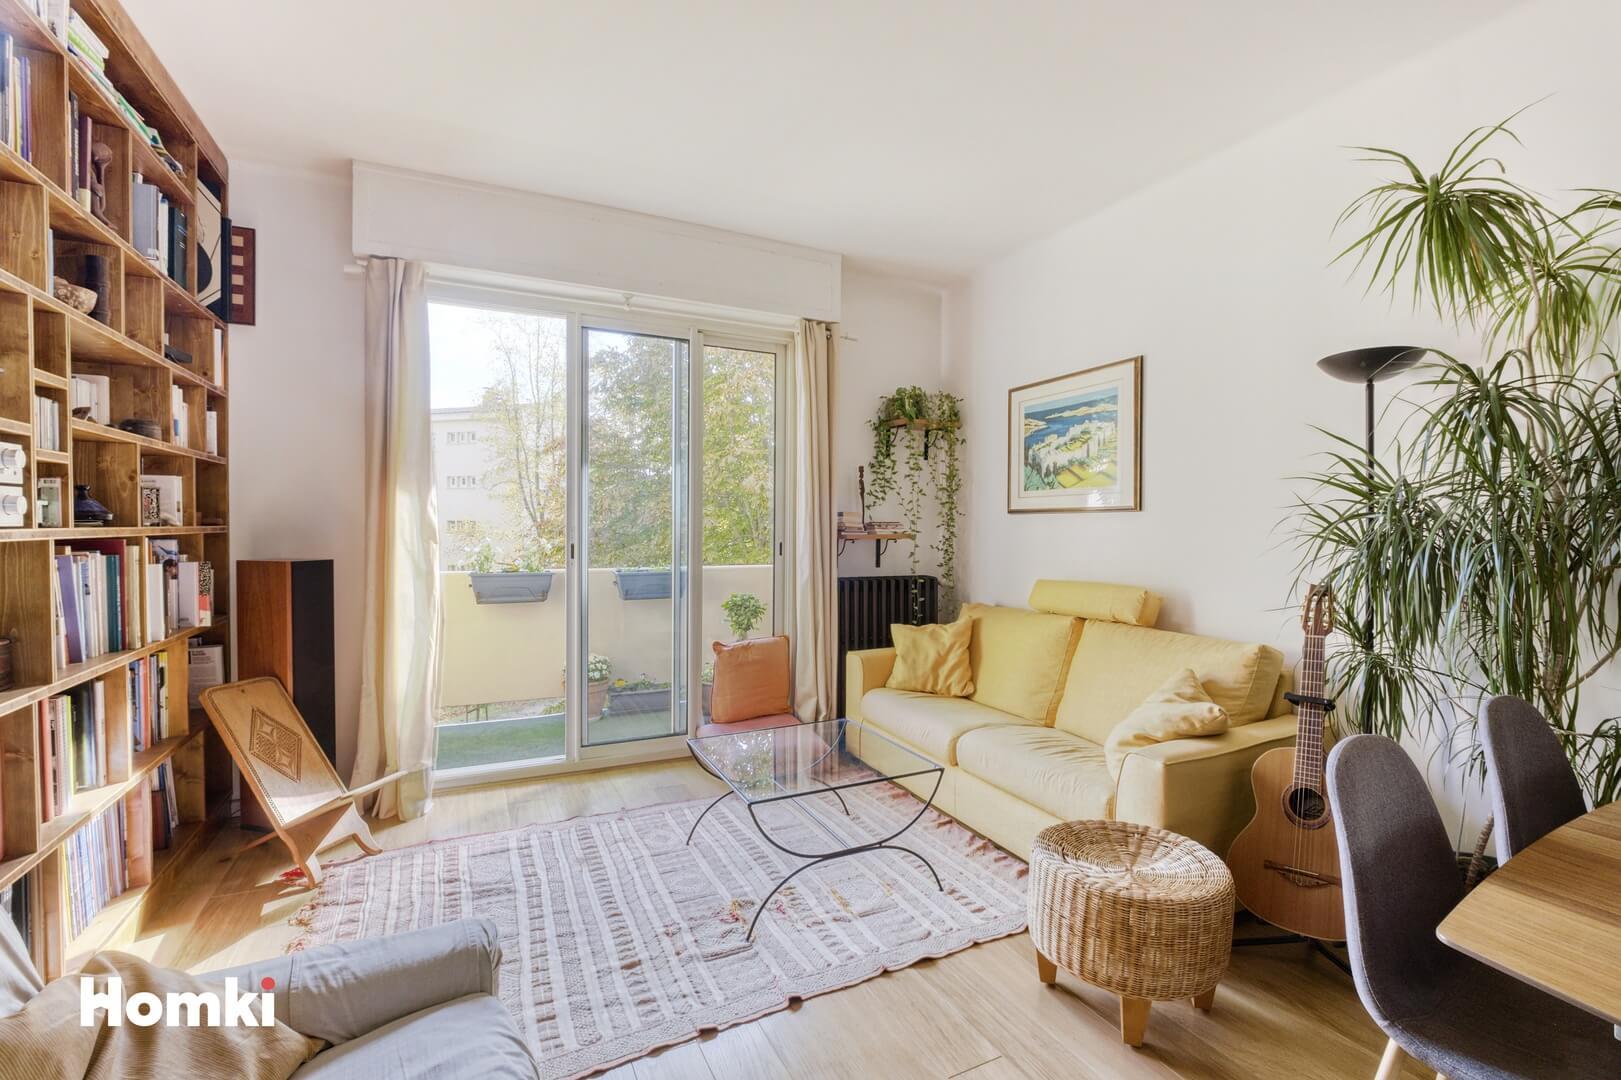 Homki - Vente Appartement  de 85.0 m² à Toulouse 31500